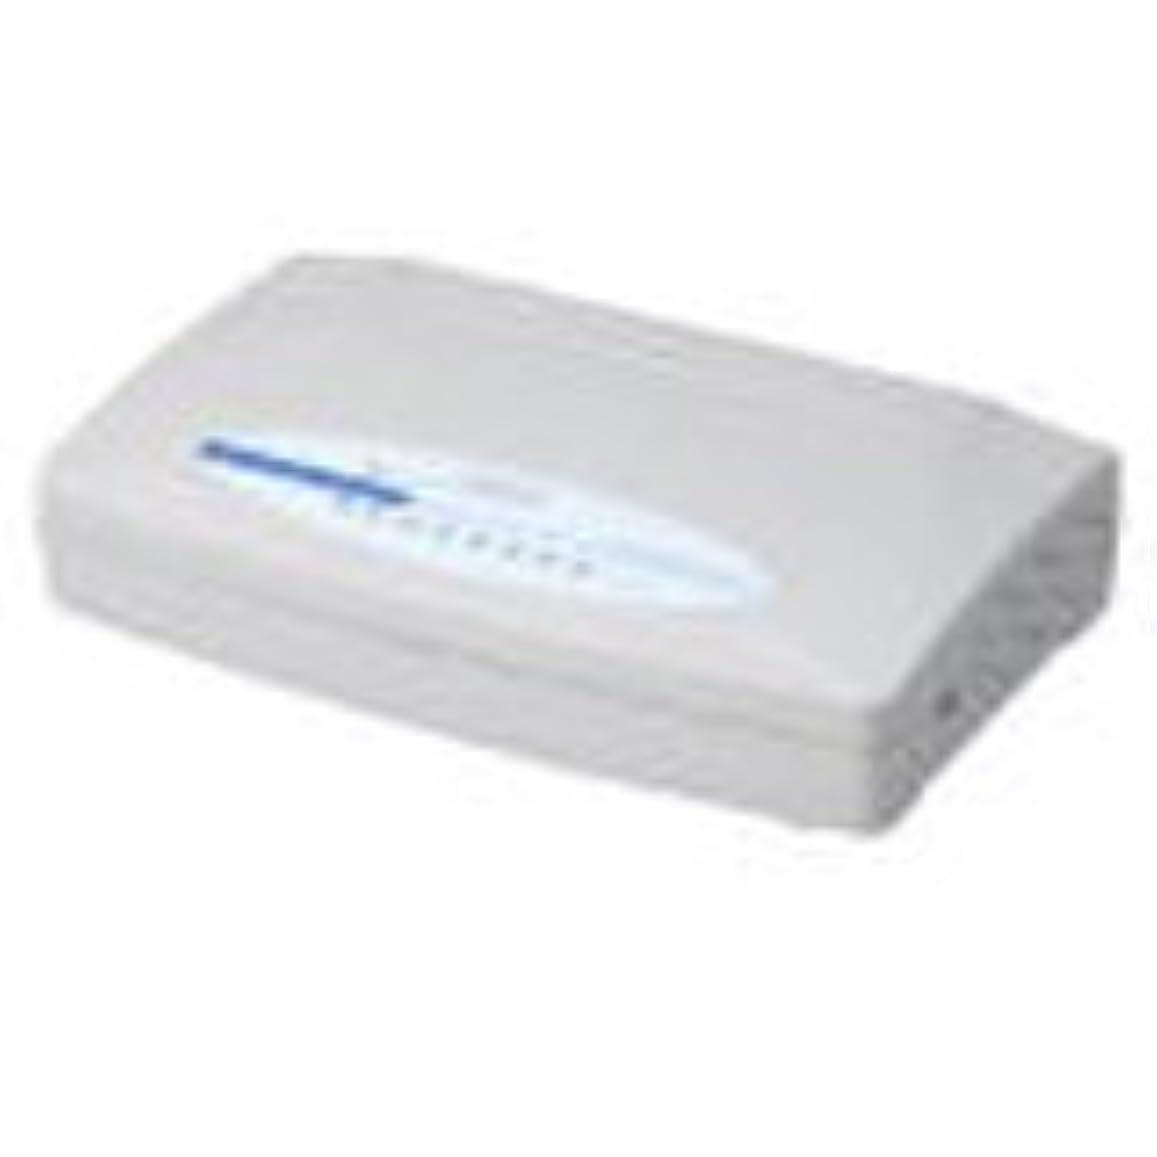 愛国的な有名な反逆Logitec 100BASE-TX対応スイッチングハブ(8ポート) LAN-SW08/P